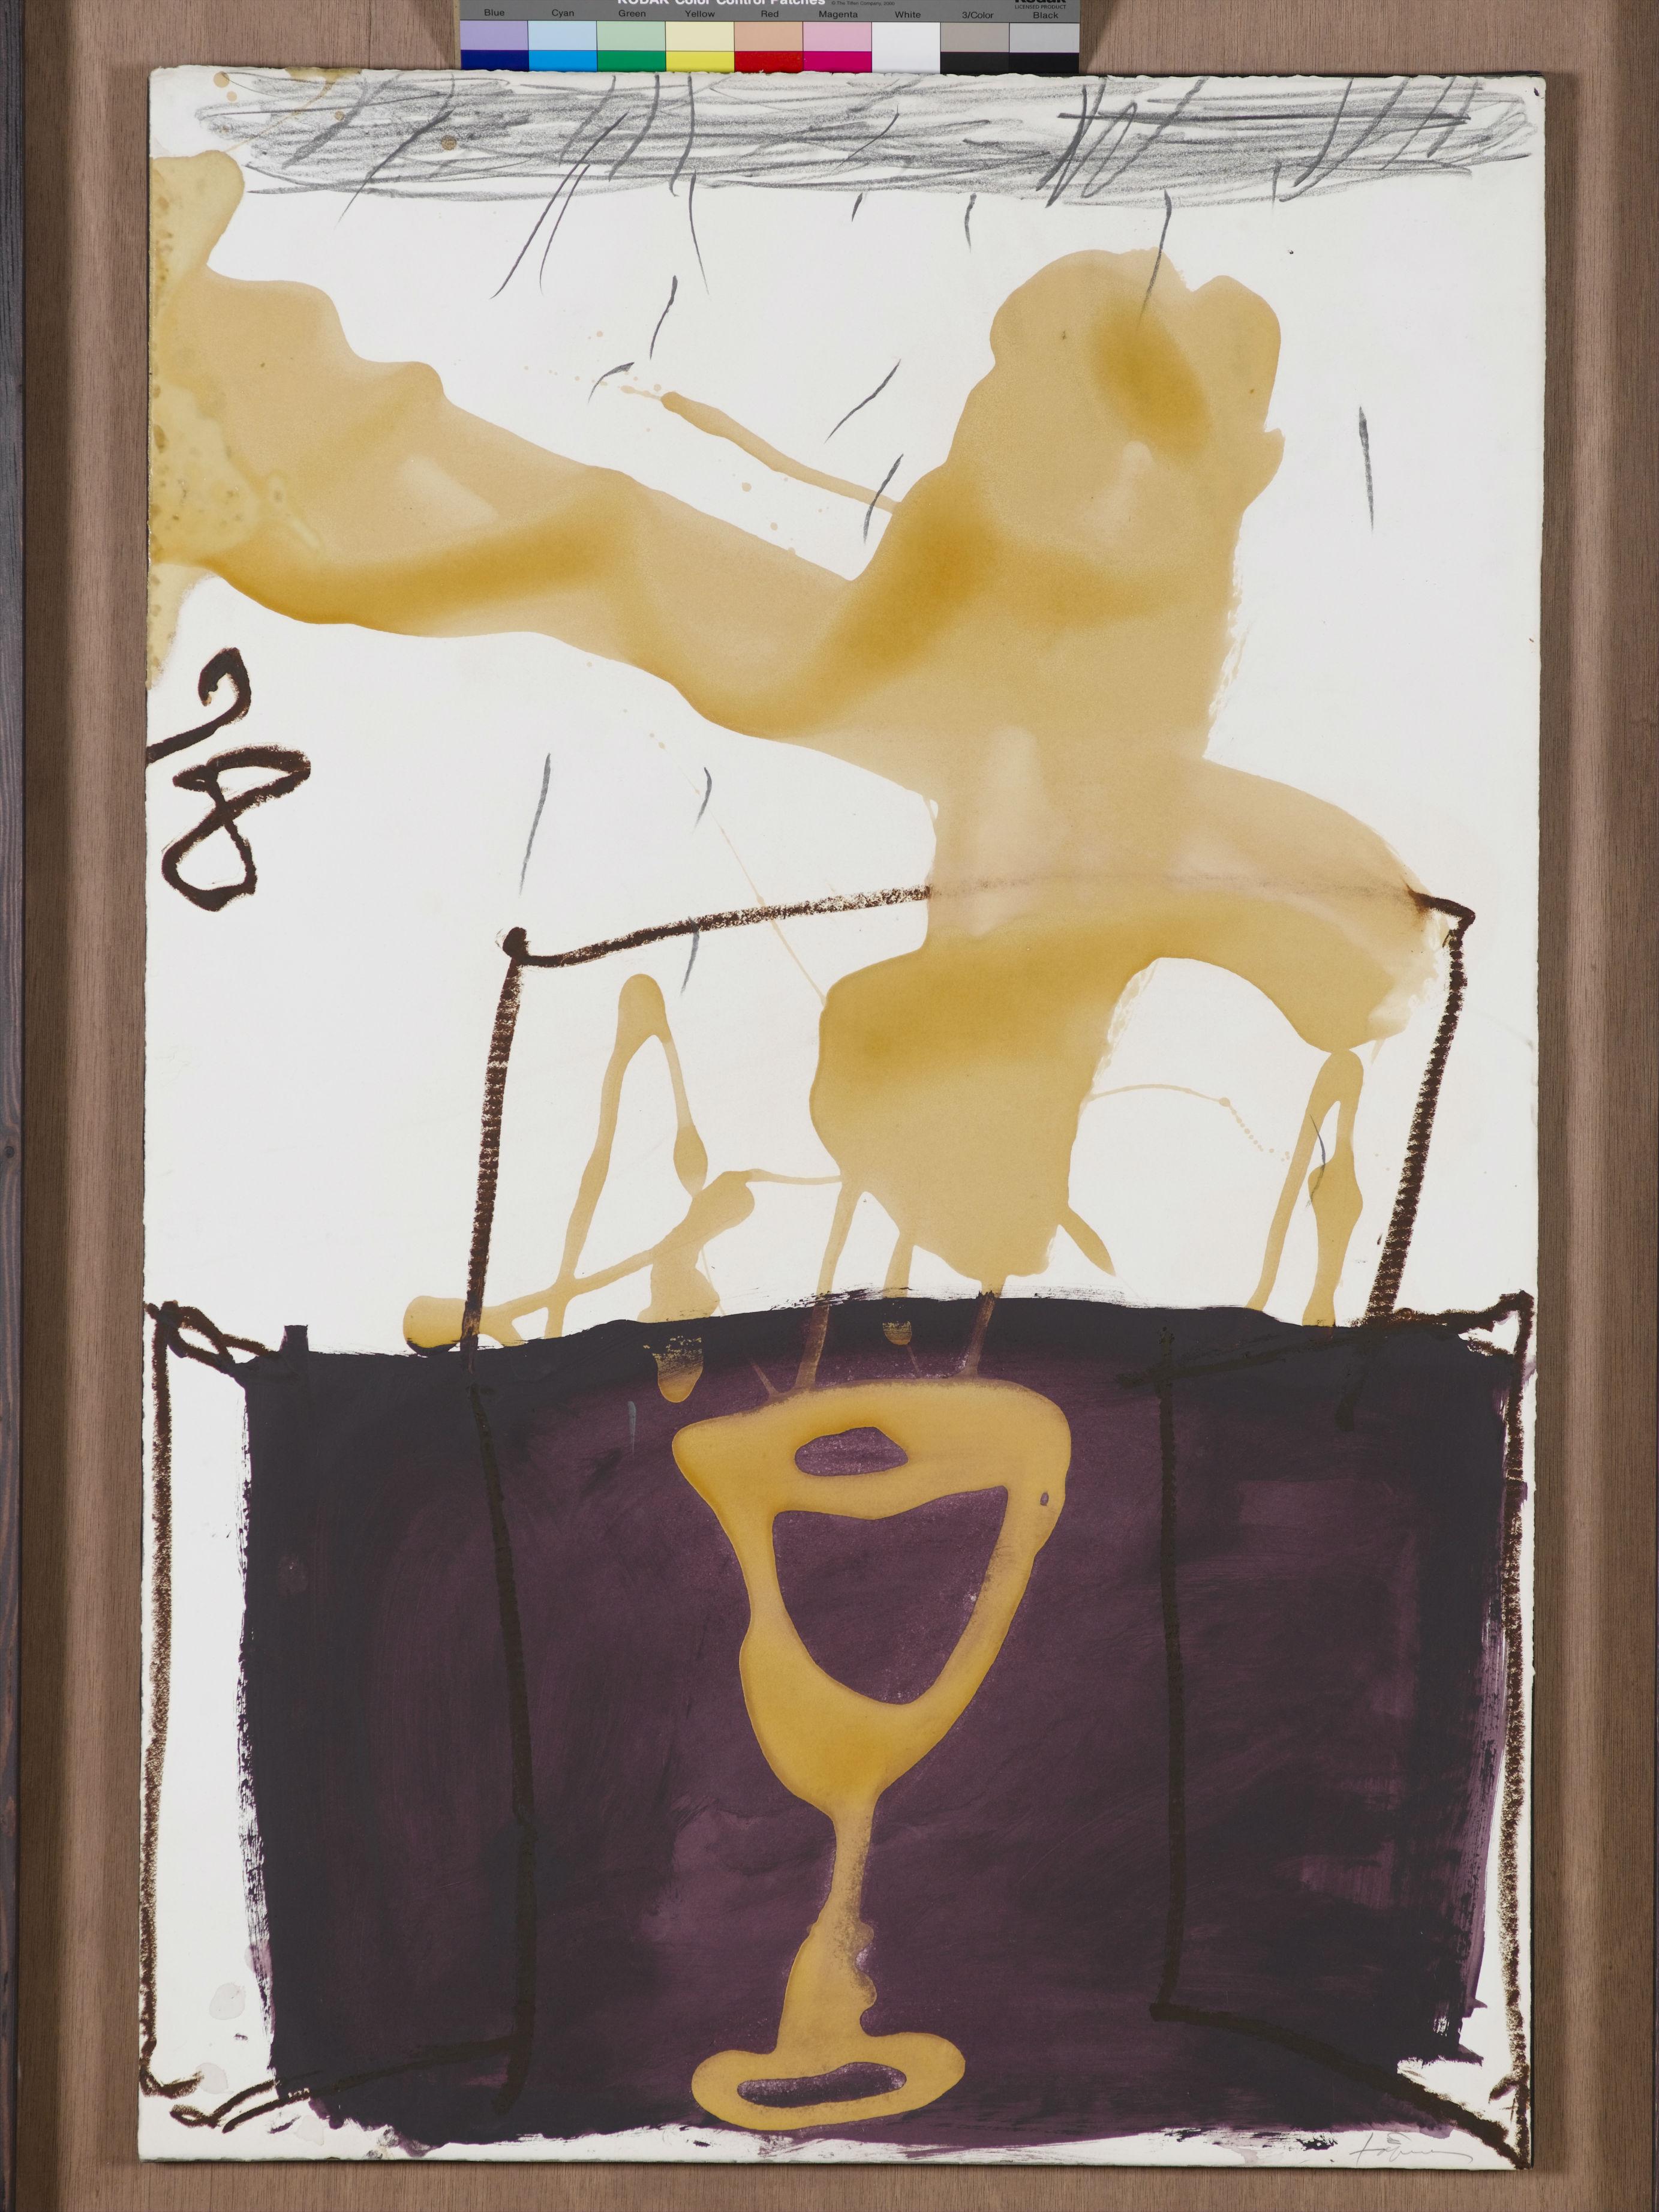 Resultado de imagen para copa de vino pintura contemporanea